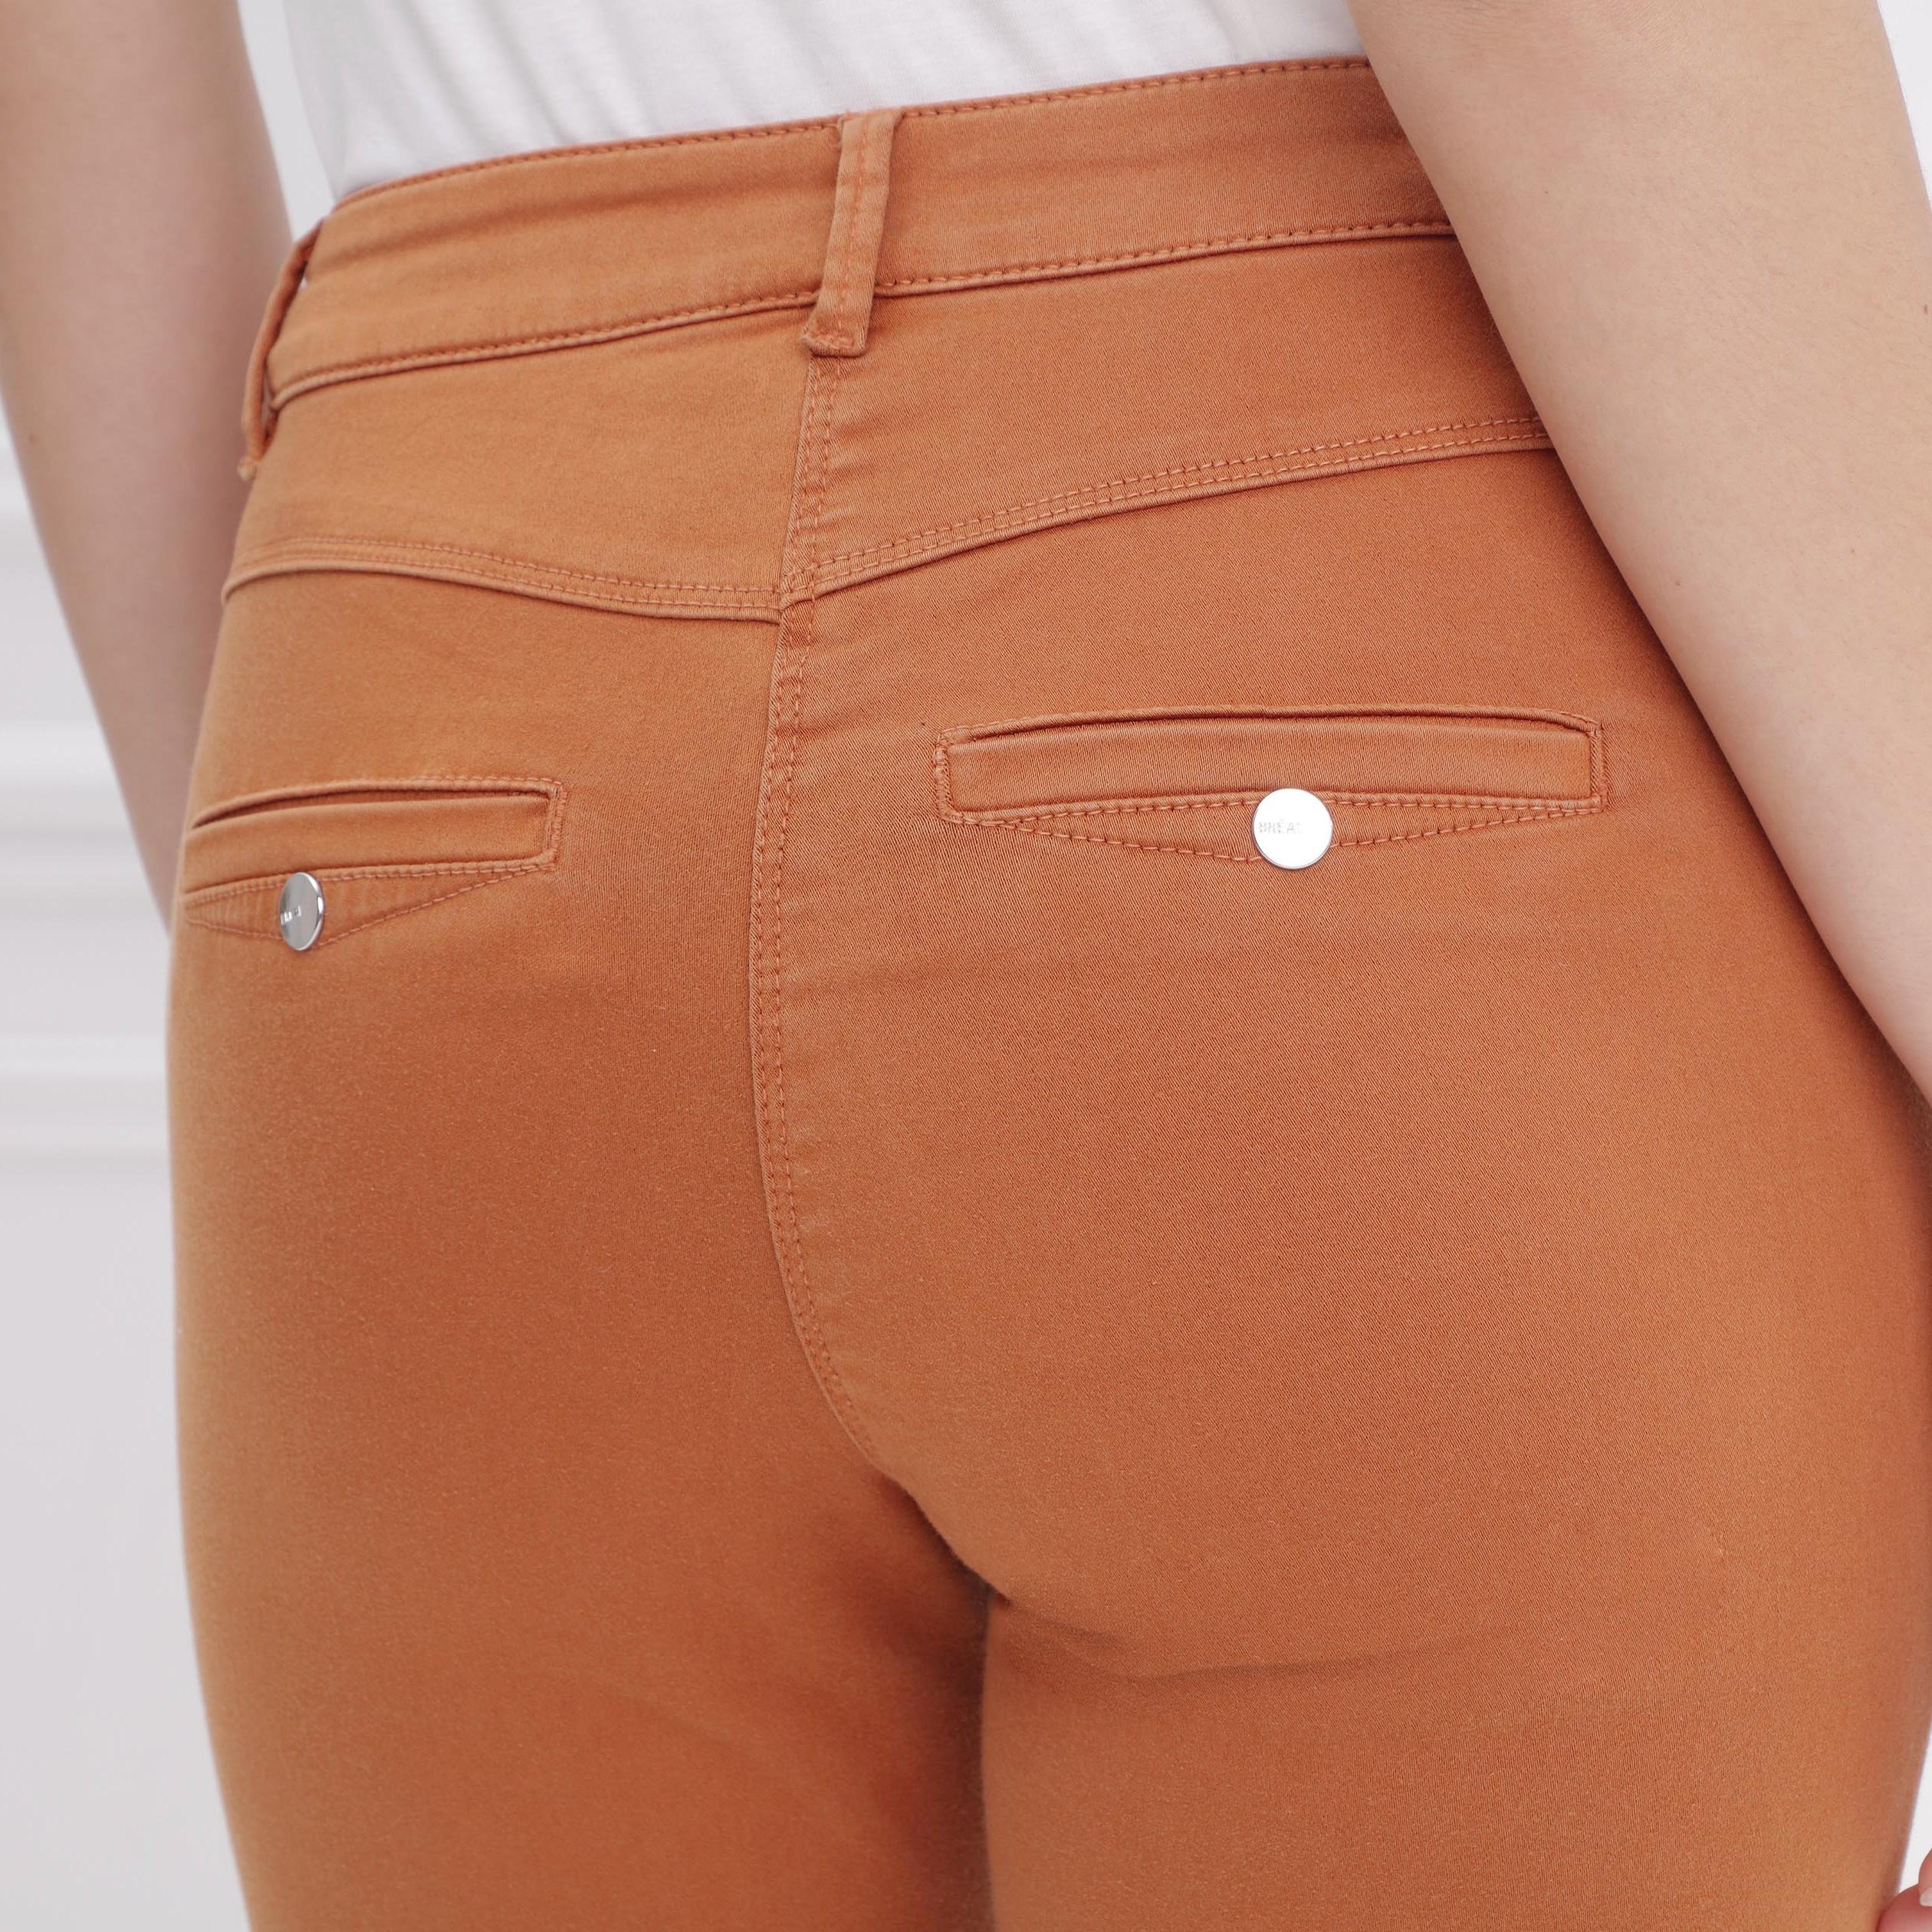 de para mujer camel Pantalones estándar cintura X0wOkP8n